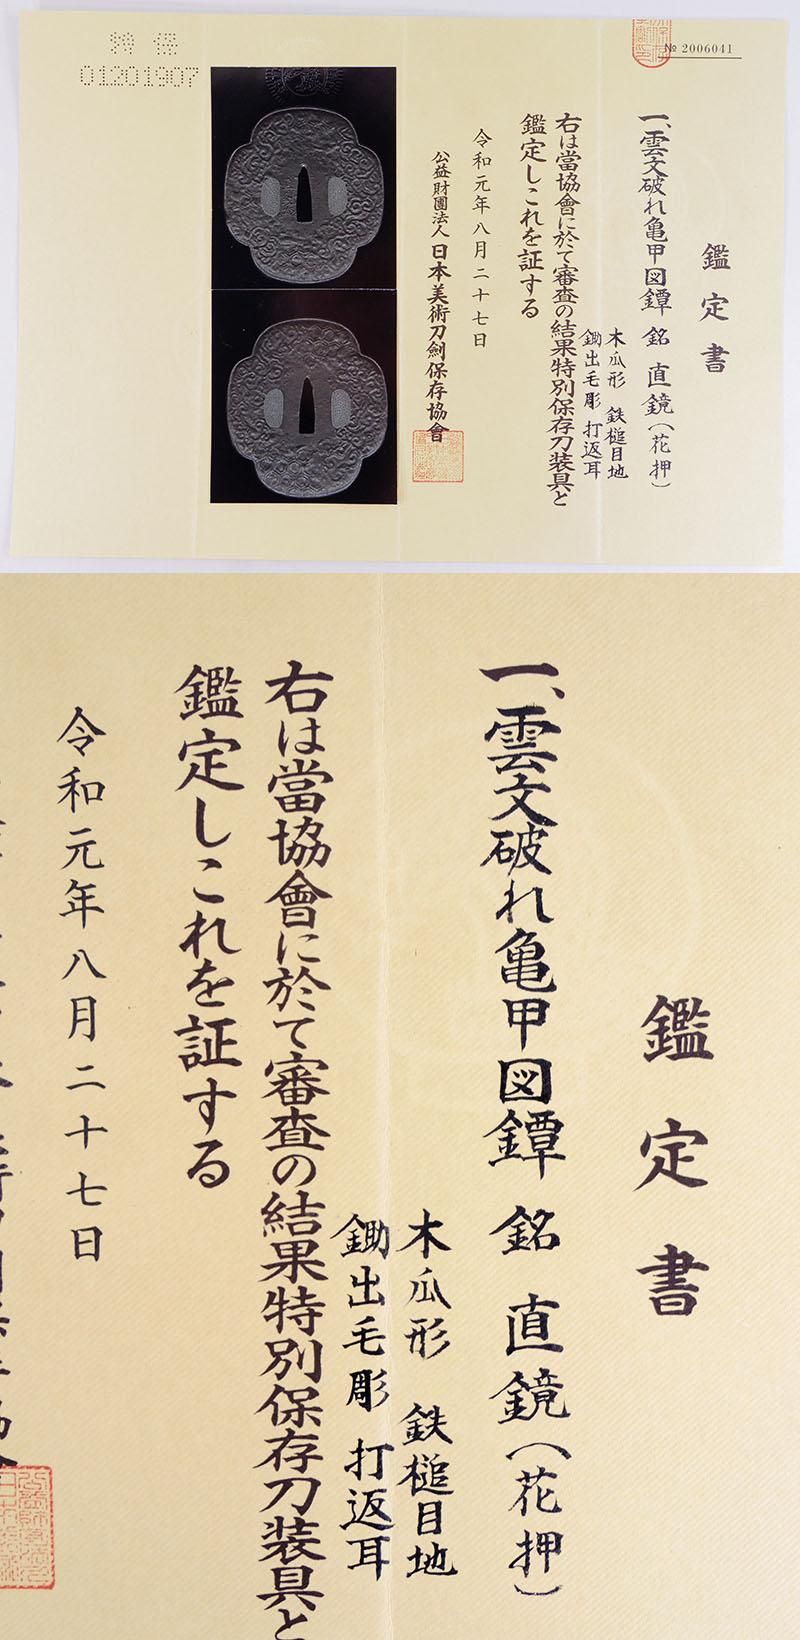 雲文破れ亀甲図鍔 直鏡(花押)(次郎太郎藤原直勝の門人) Picture of Certificate